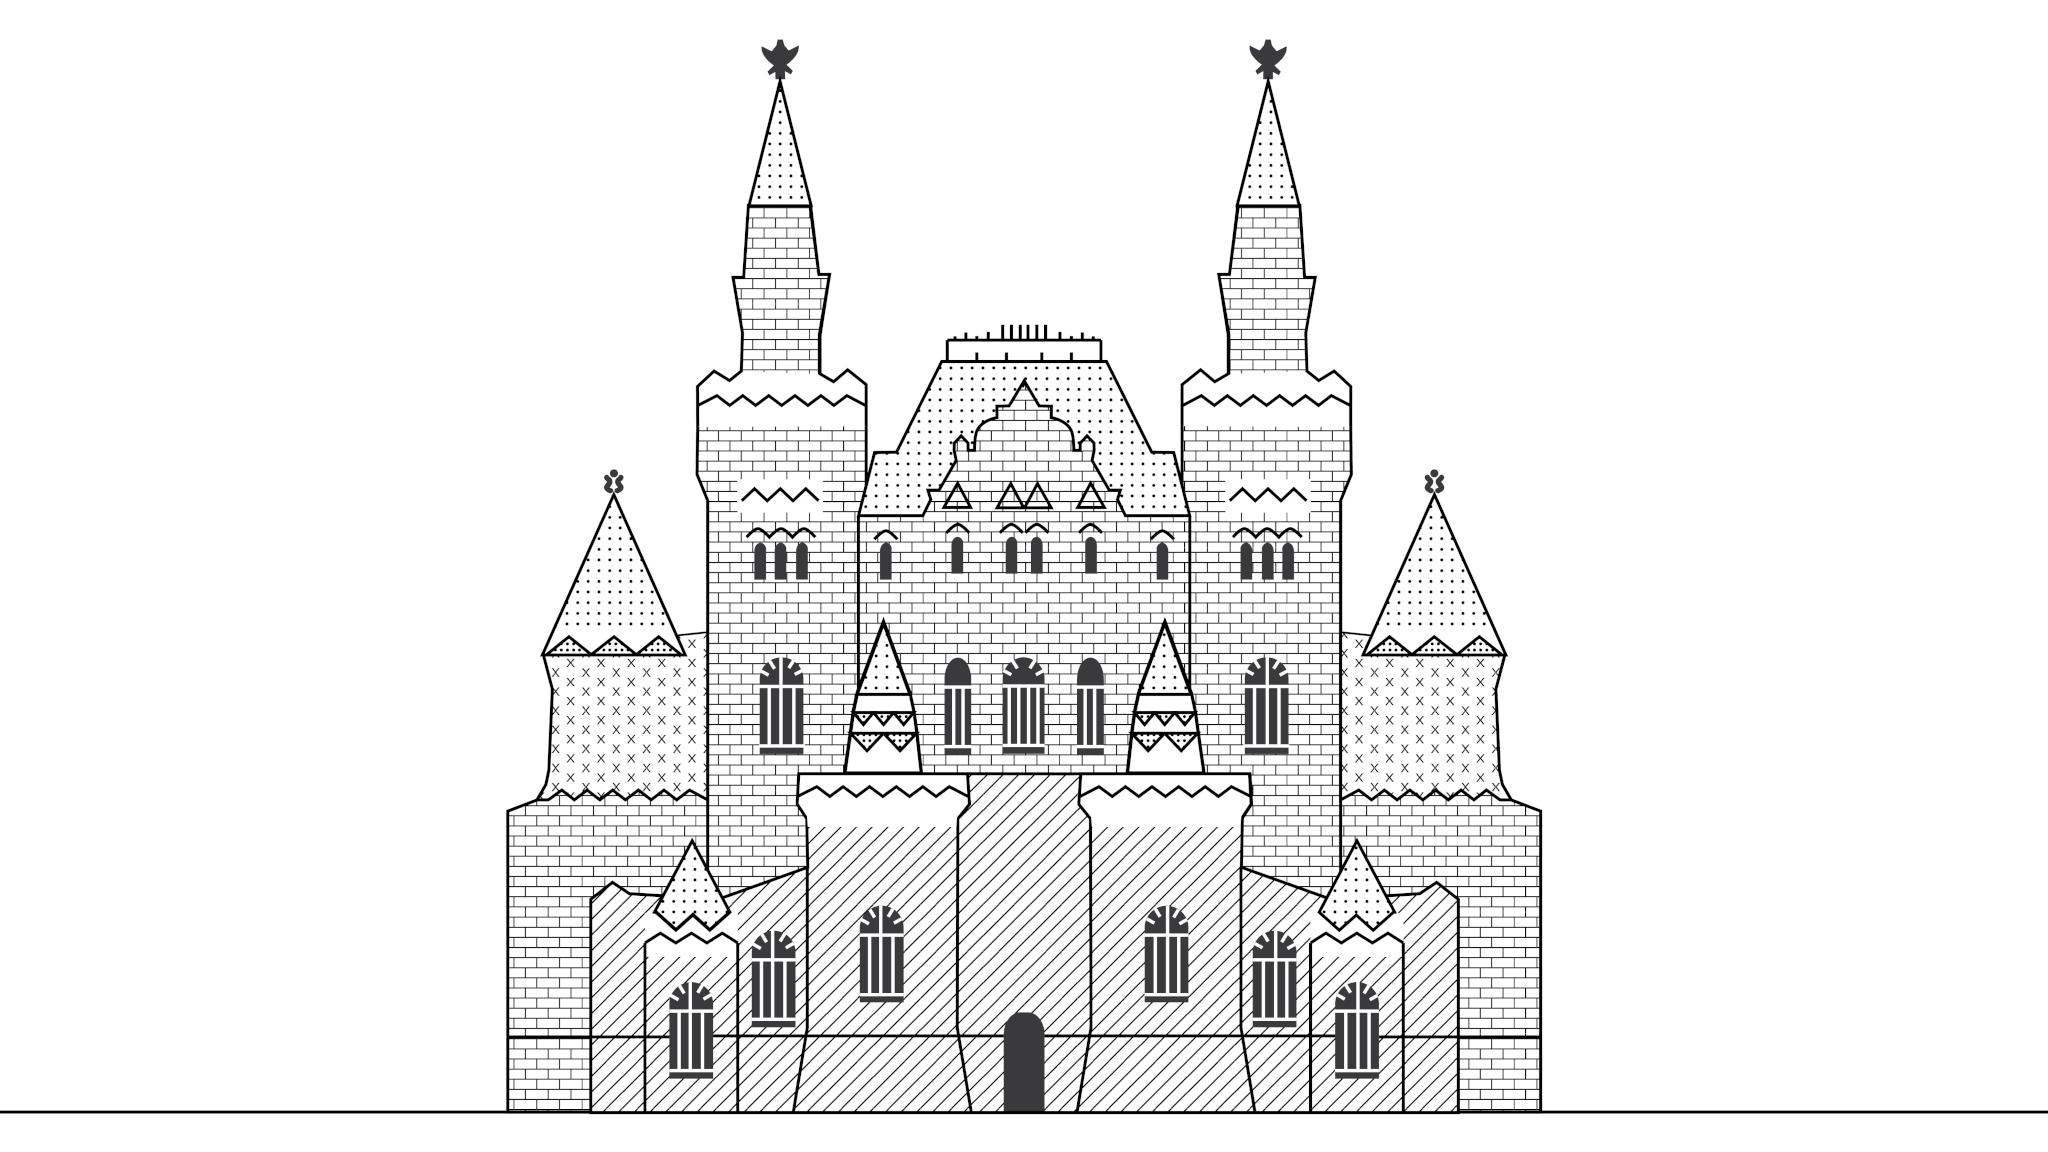 Muzeul de Istorie de Stat din Moscova